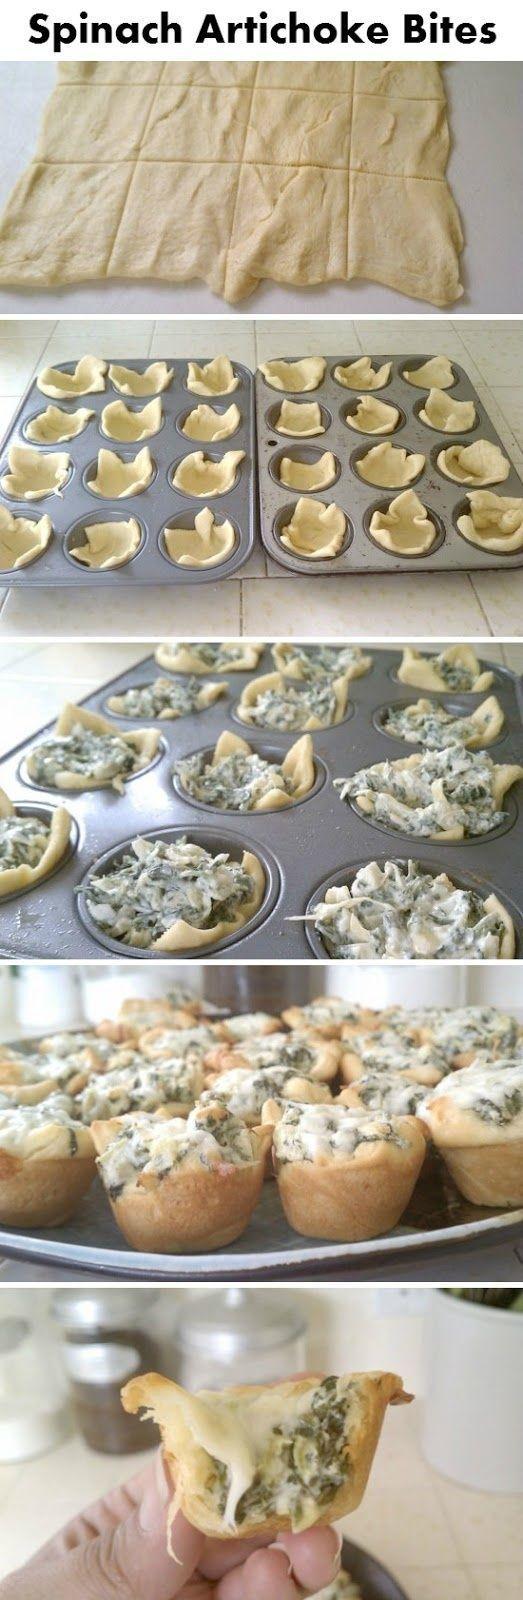 Spinach Artichoke Bites, make w/ crescent roll dough. #snack